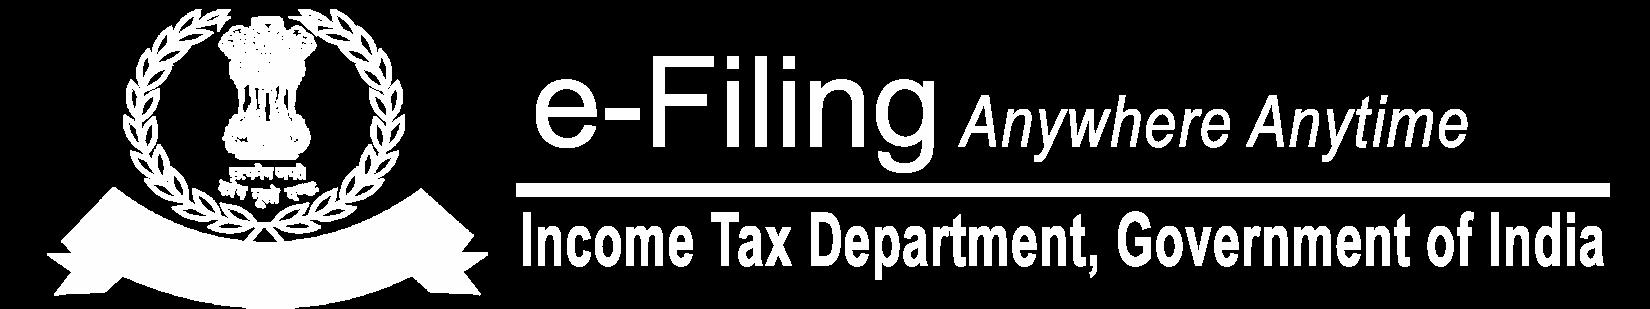 India Filings